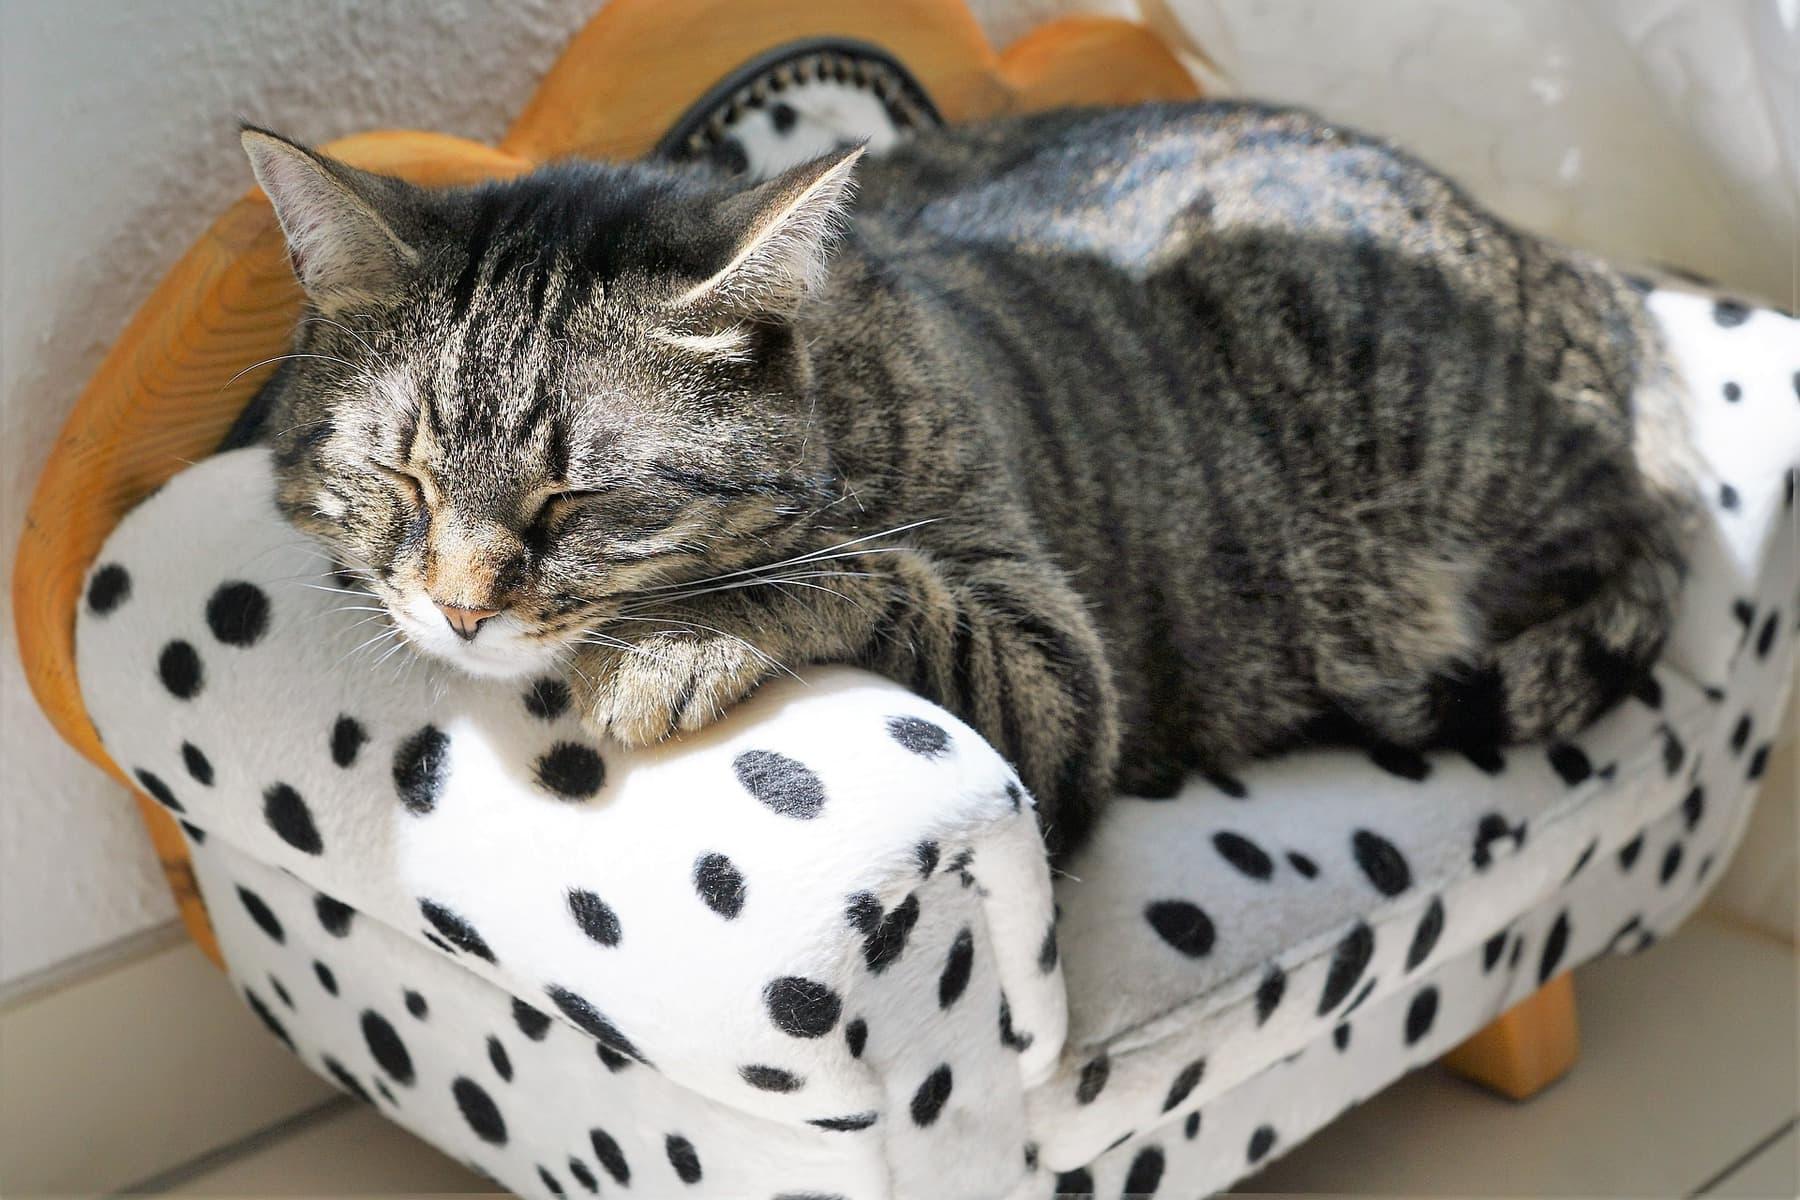 cat asleep on chair